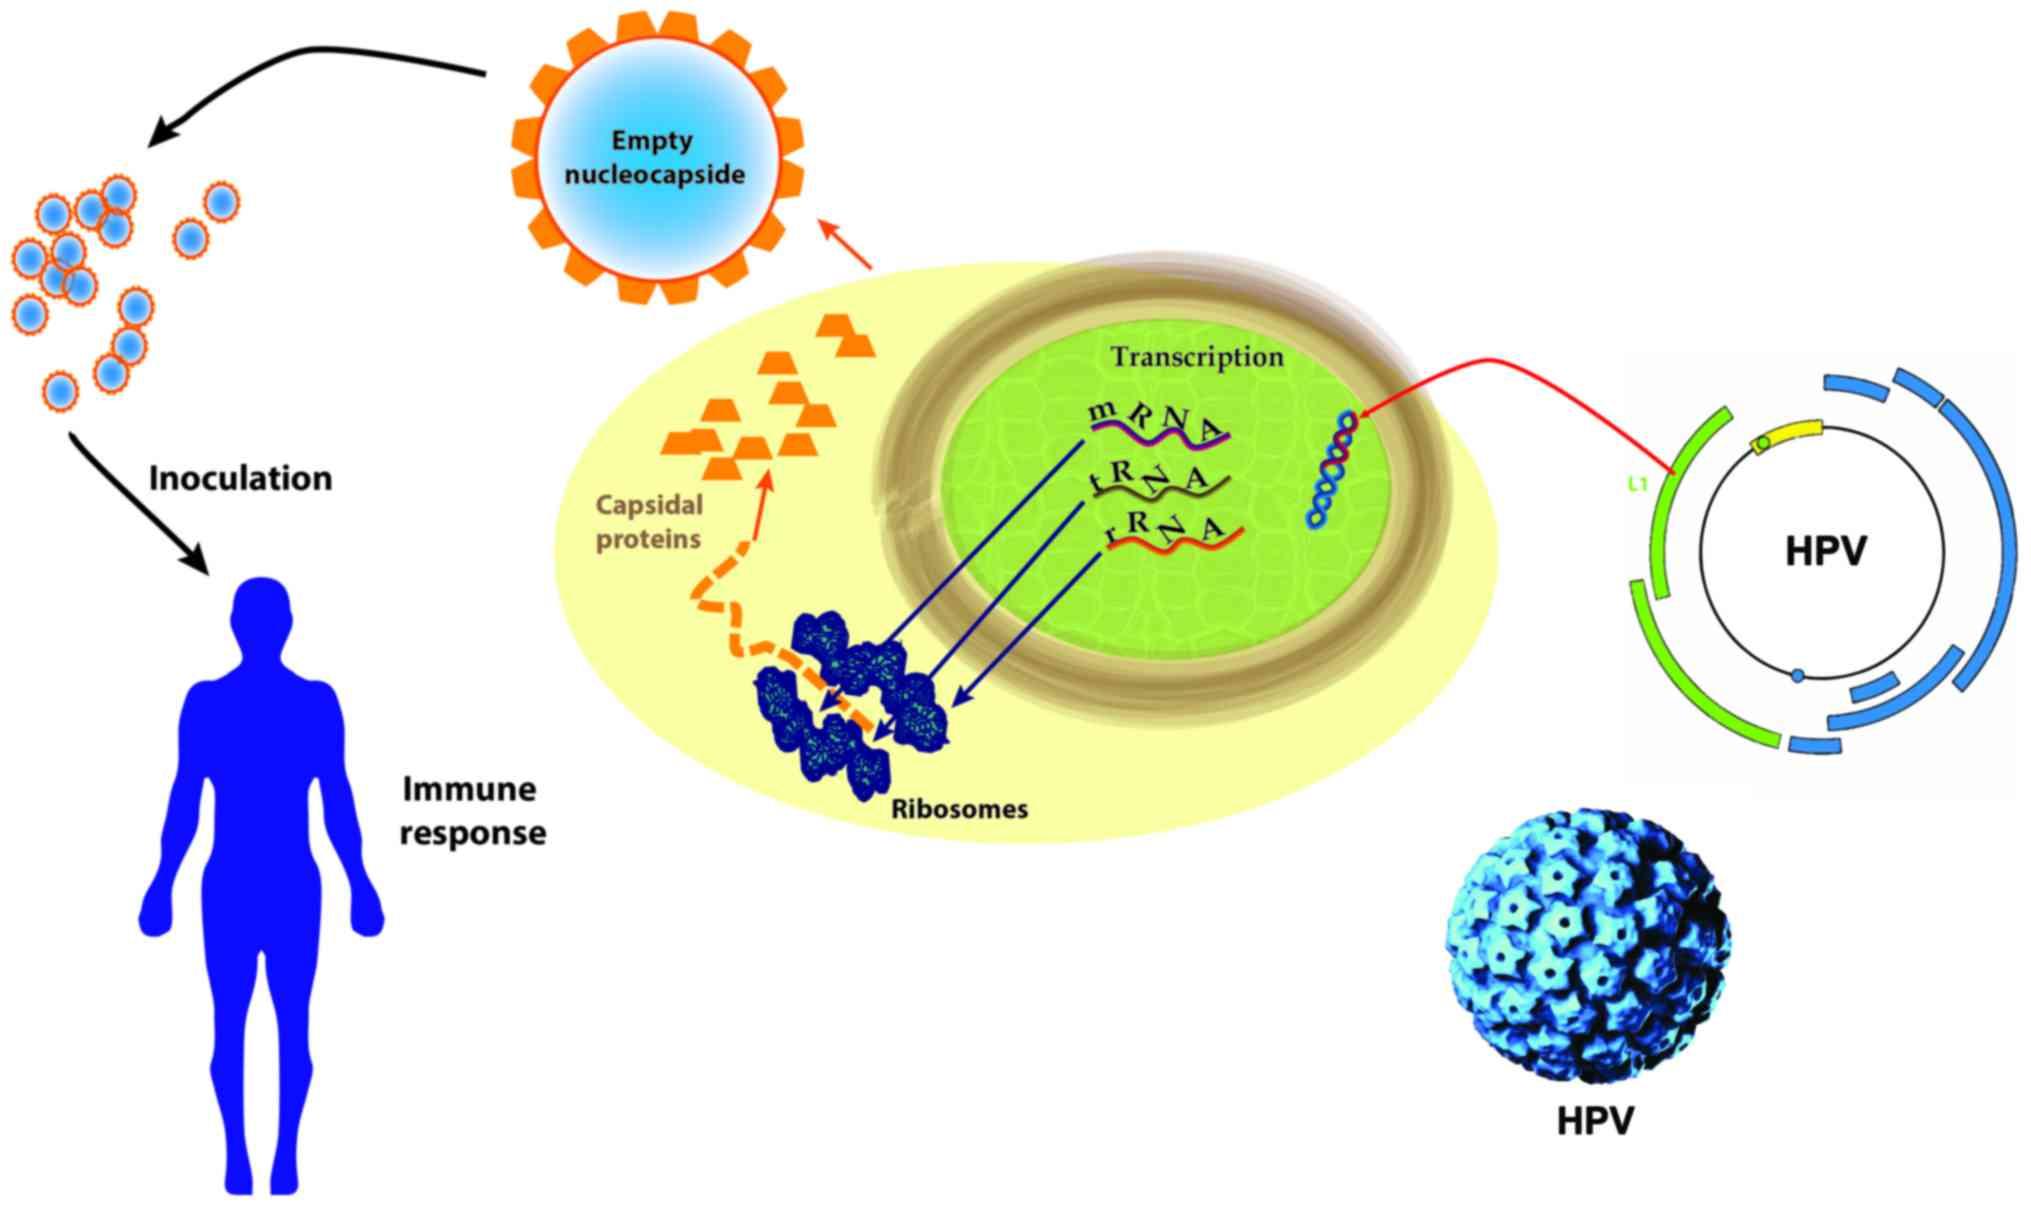 Vaccinare HPV sau NU ? | Nostrabrucanus